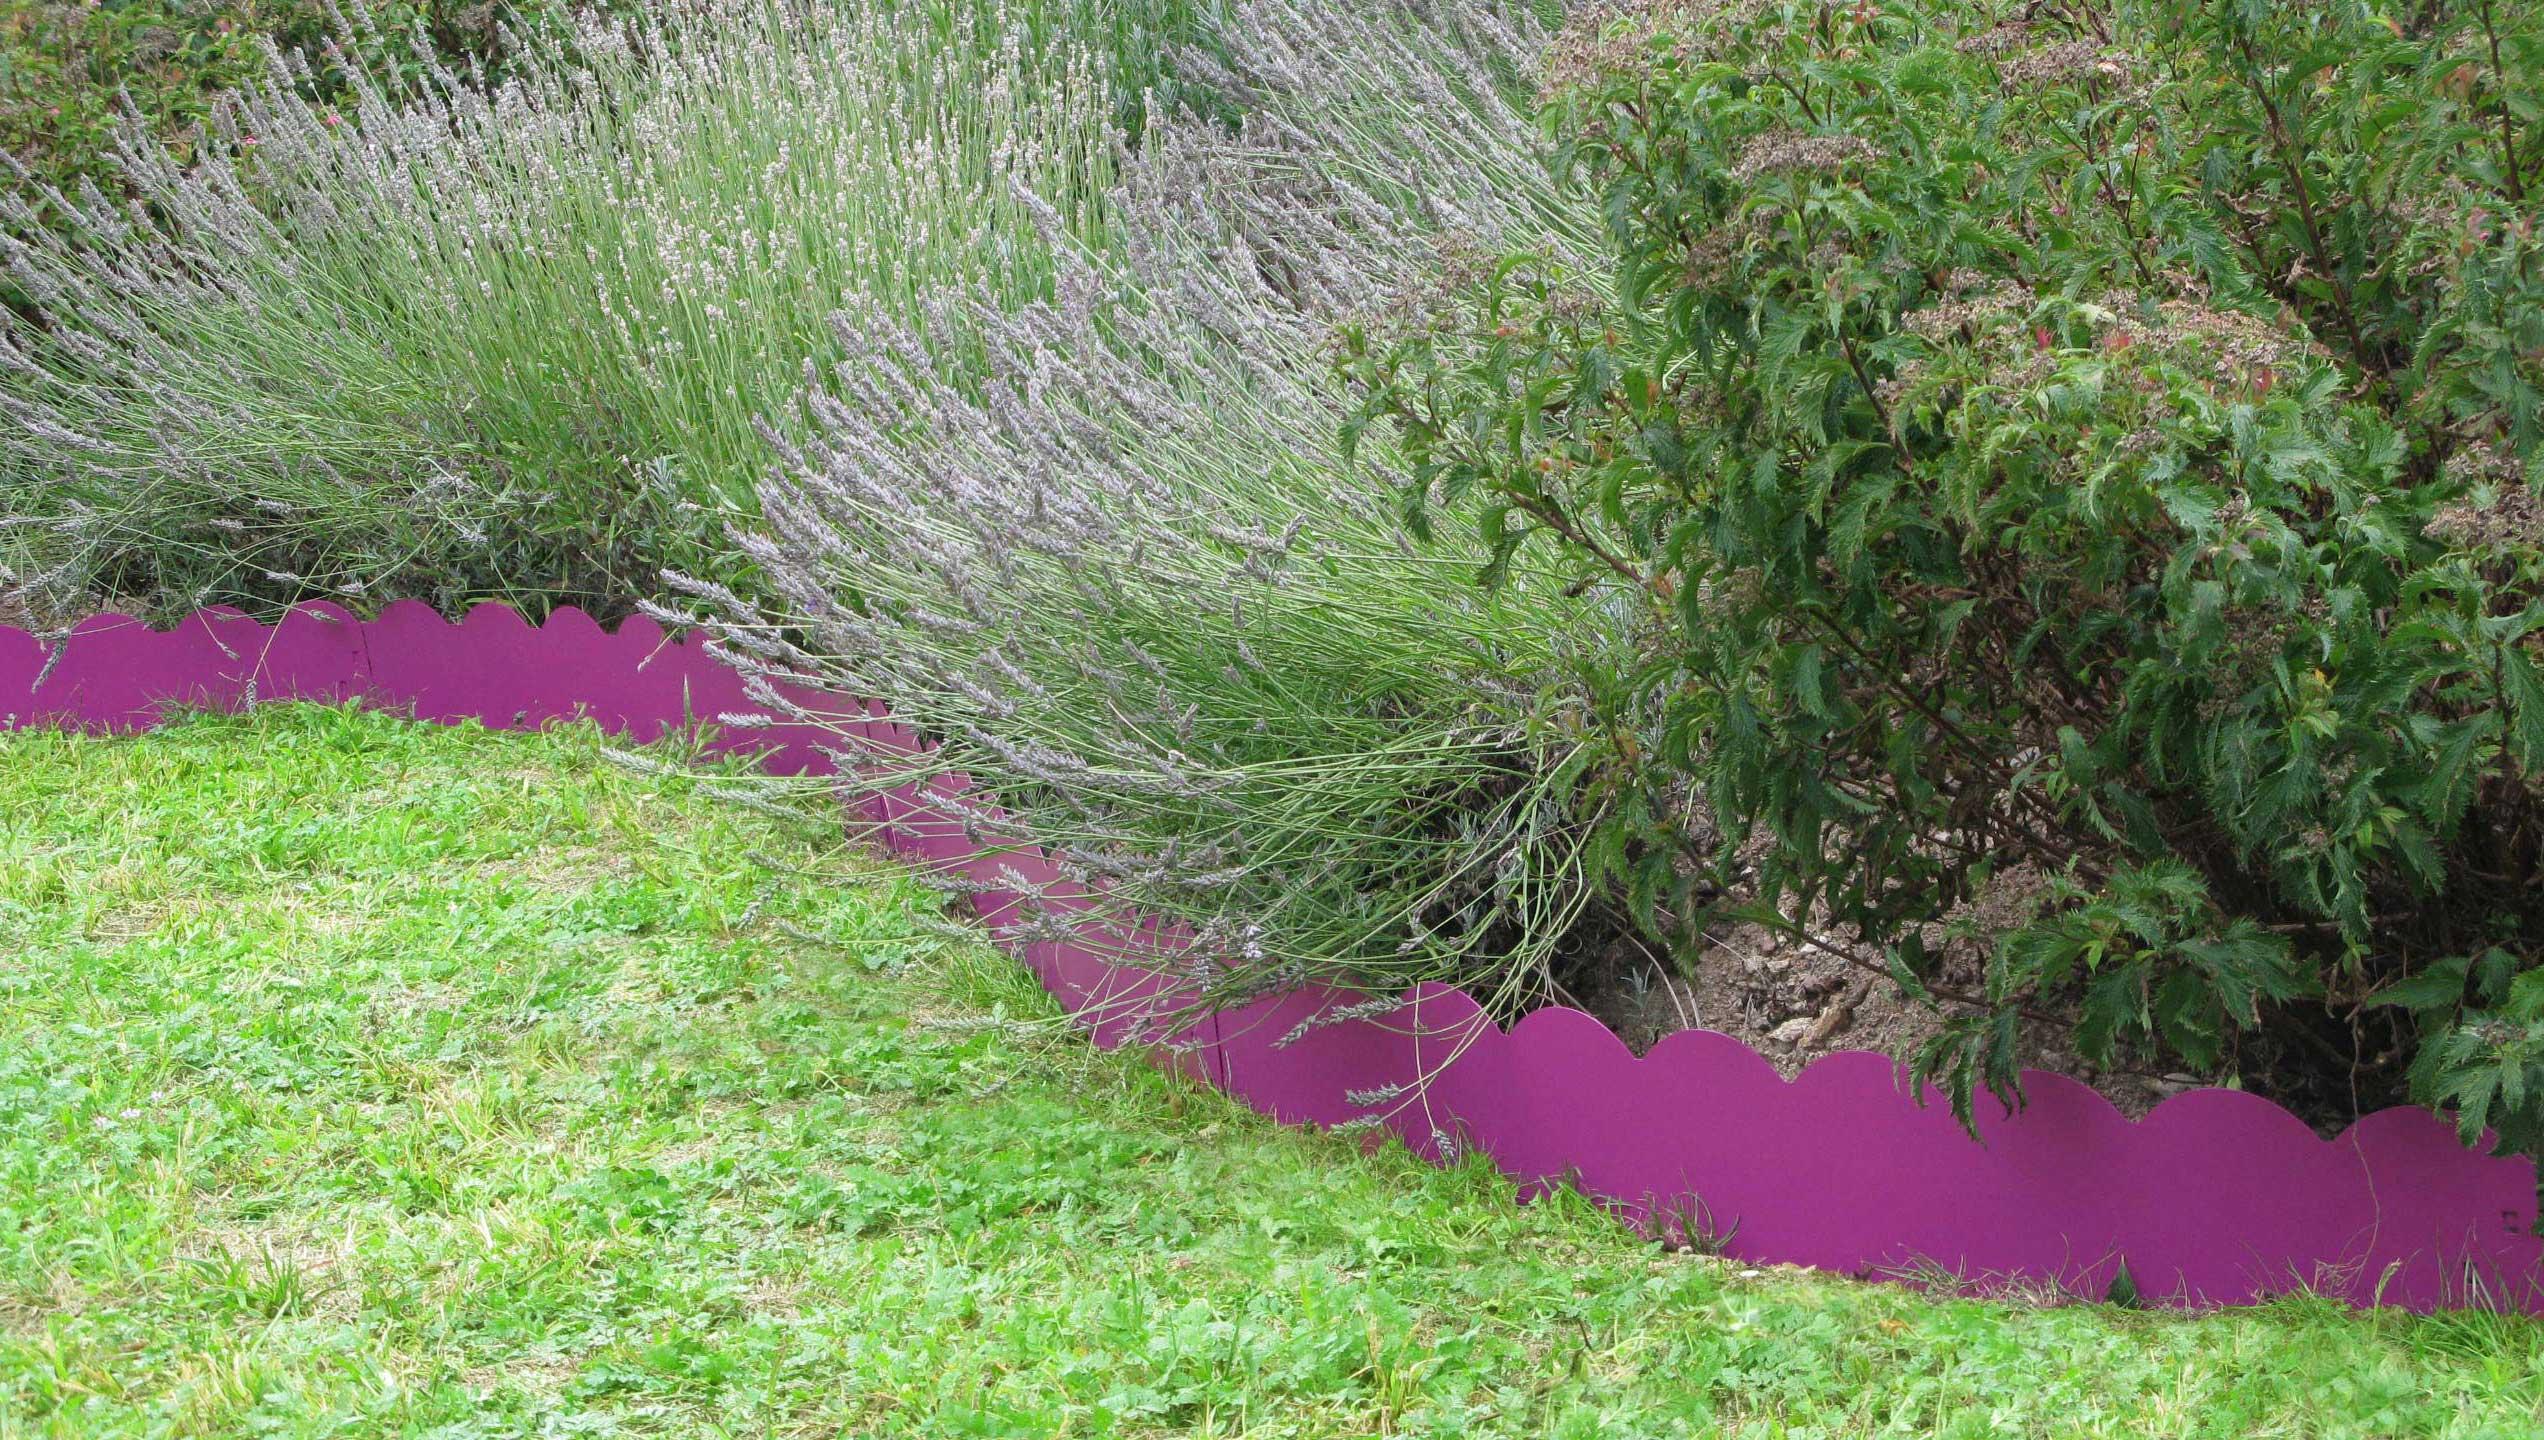 Bordure de jardin en acier fushia